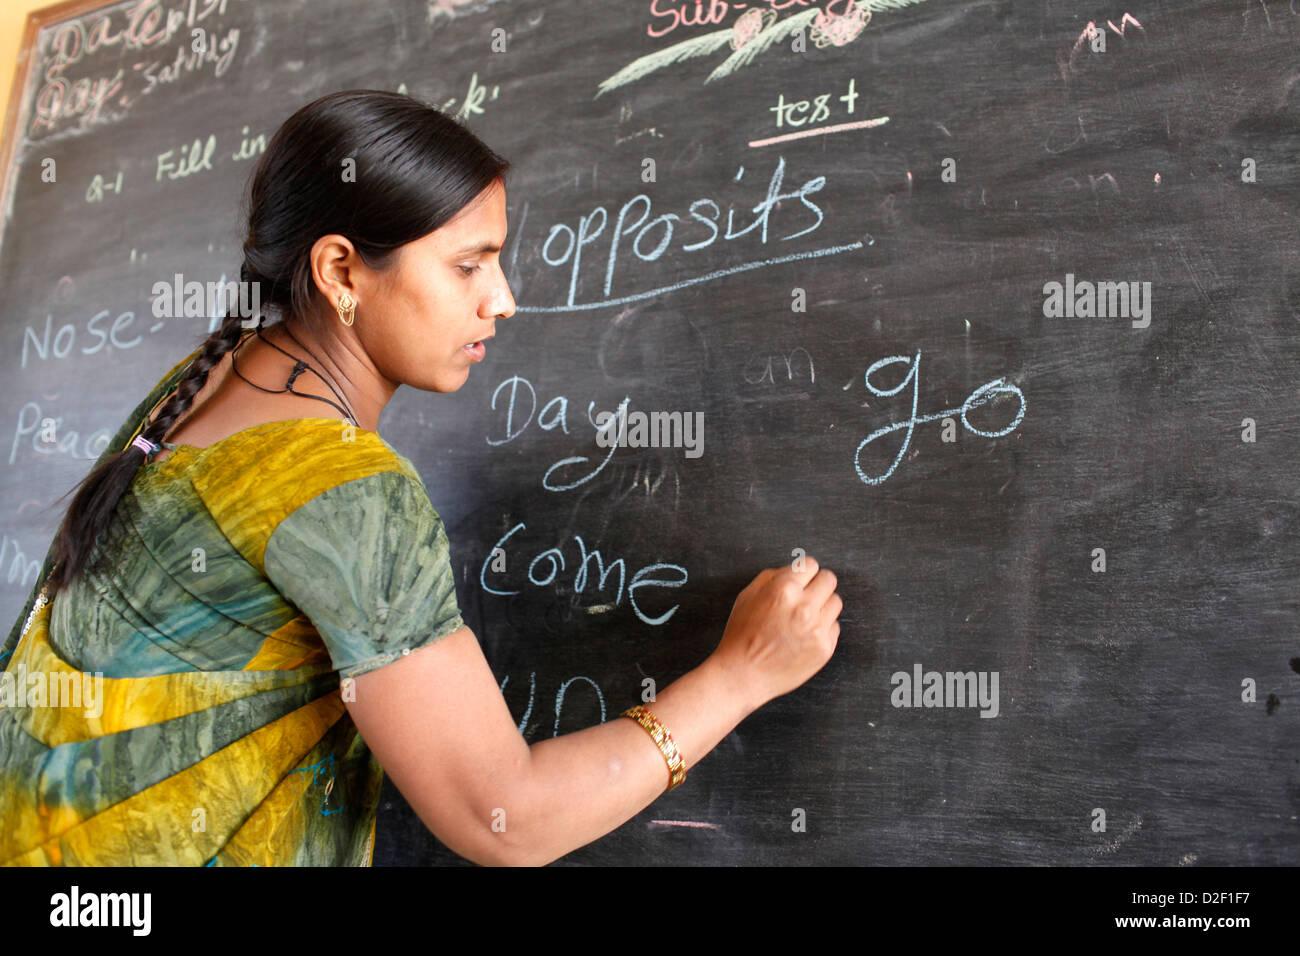 Sandipani Muni insegnante di scuola superiore Vrindavan. India. Immagini Stock